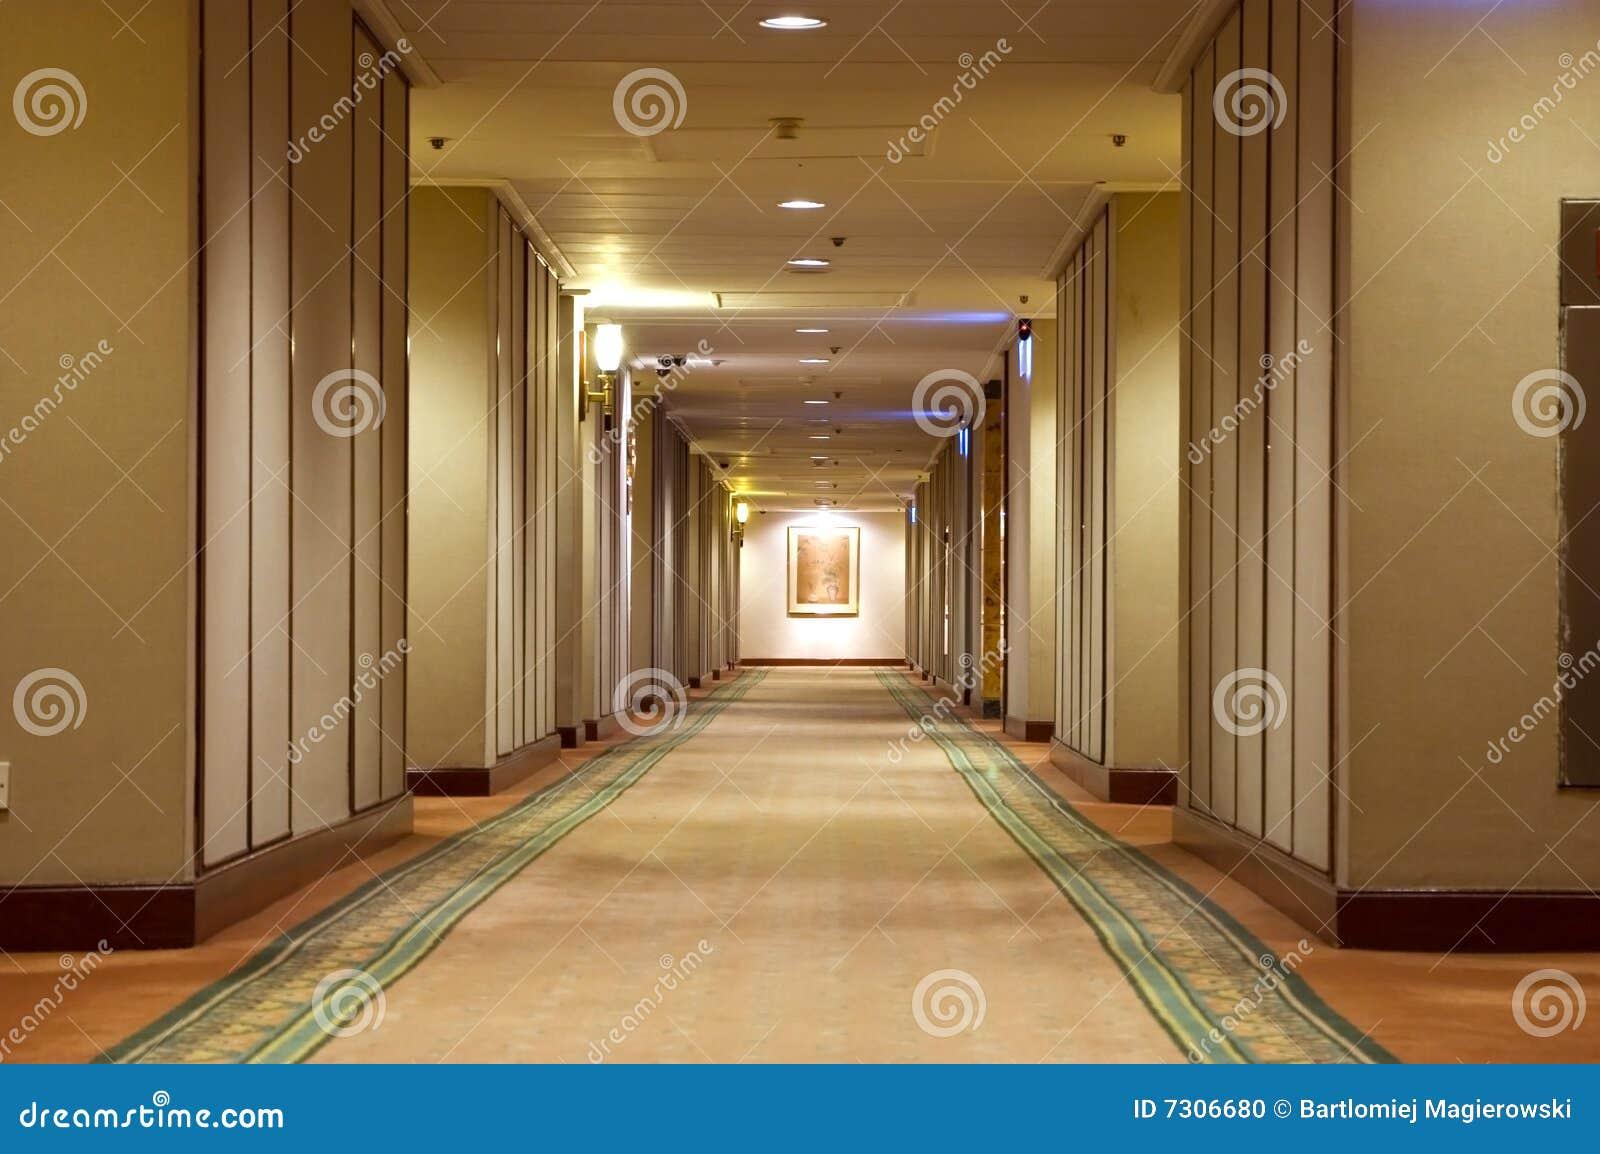 Corridoio in hotel